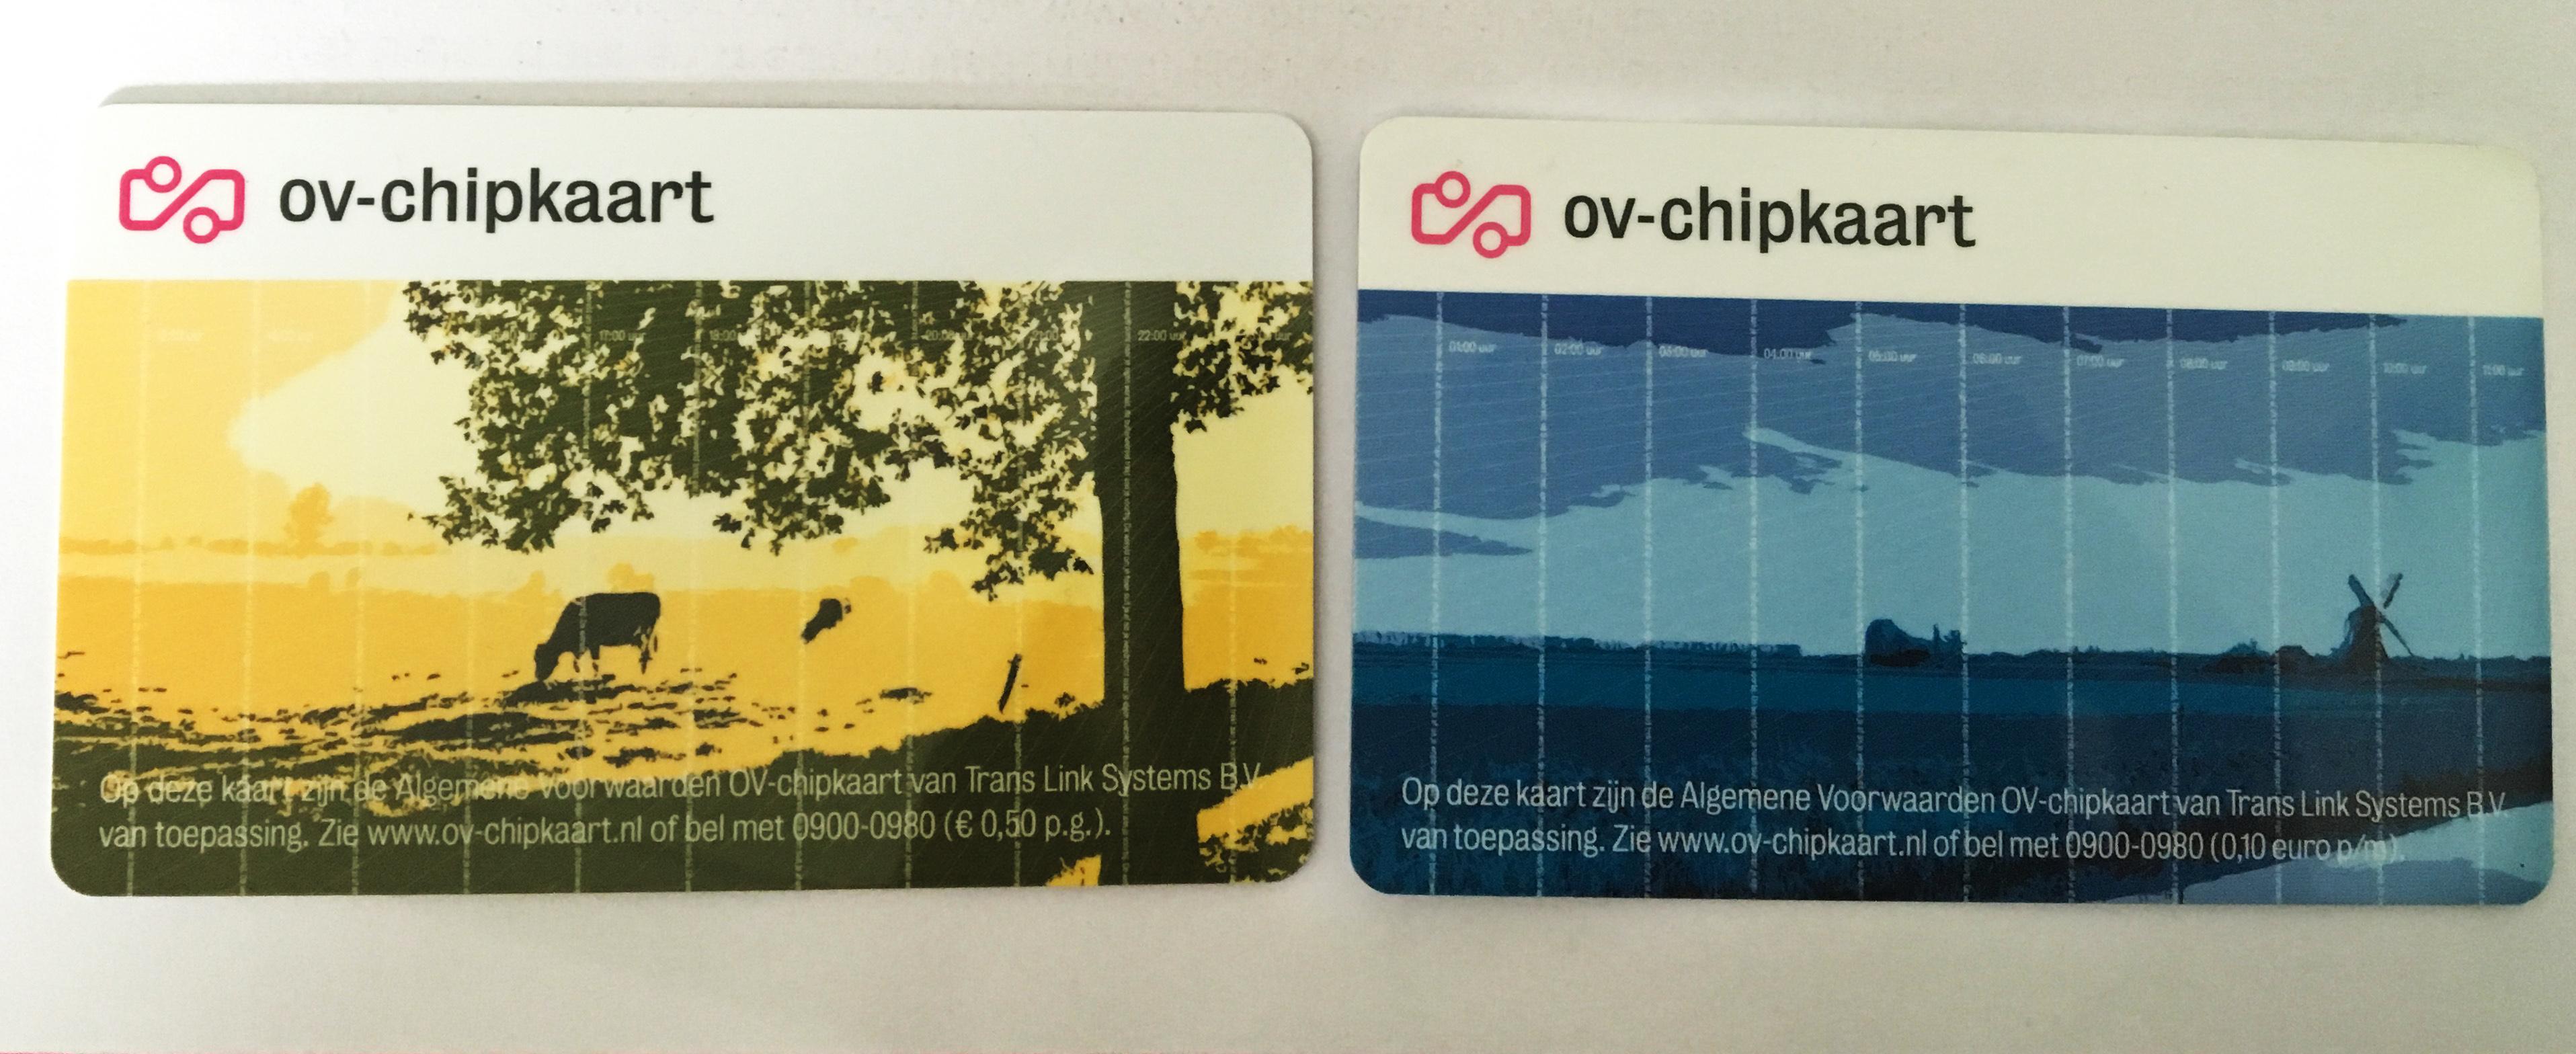 オランダでの交通に必要なOV-chipkaart